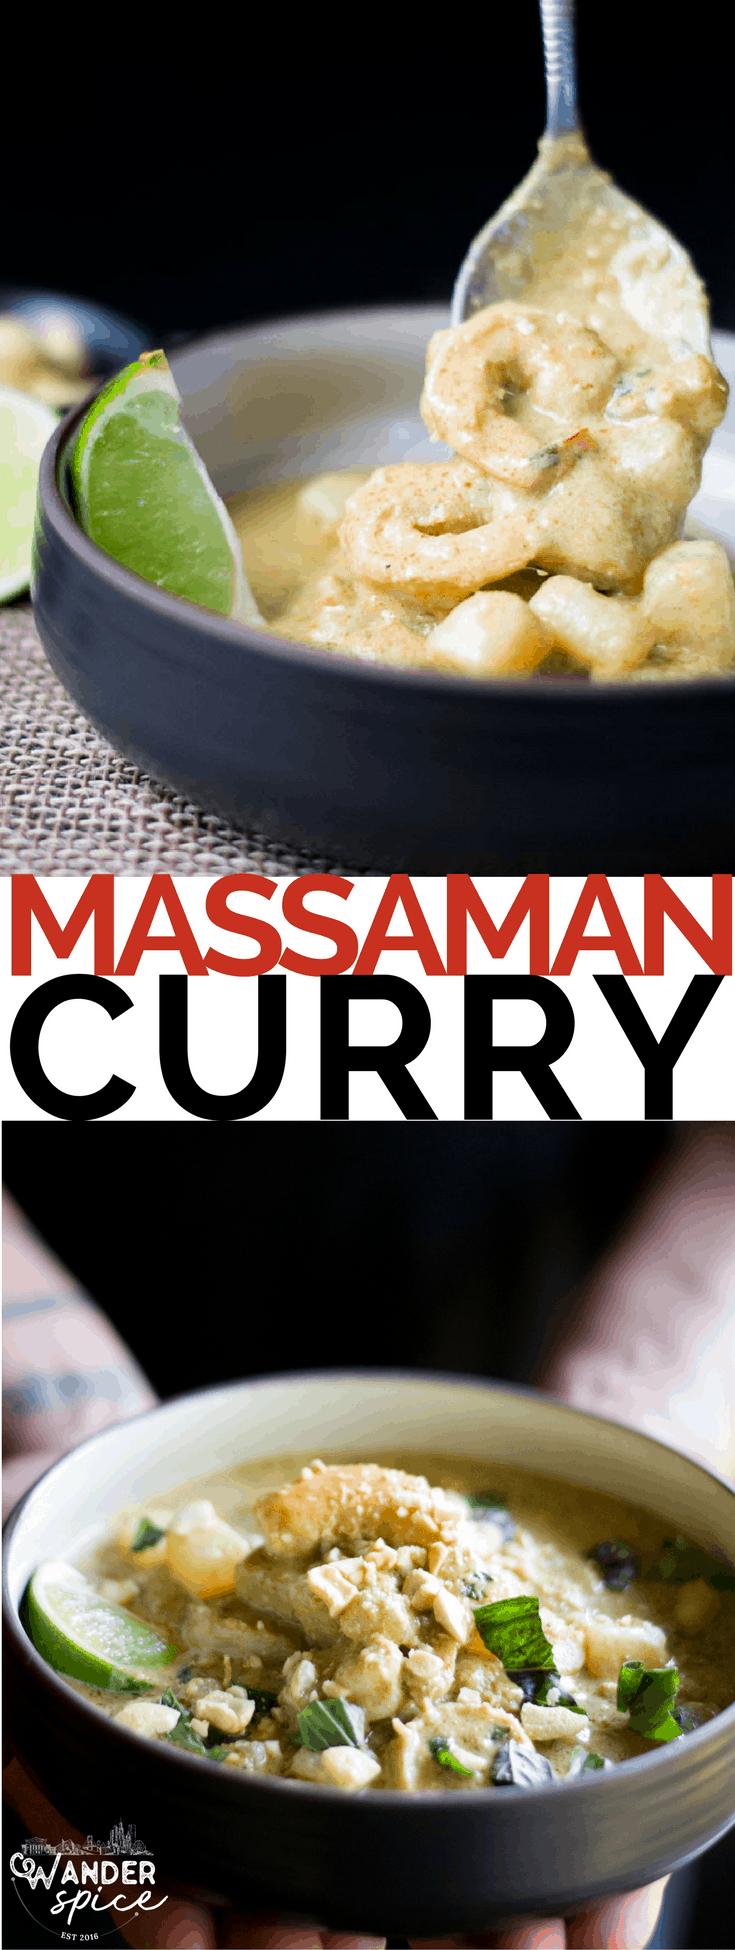 massaman curry pin